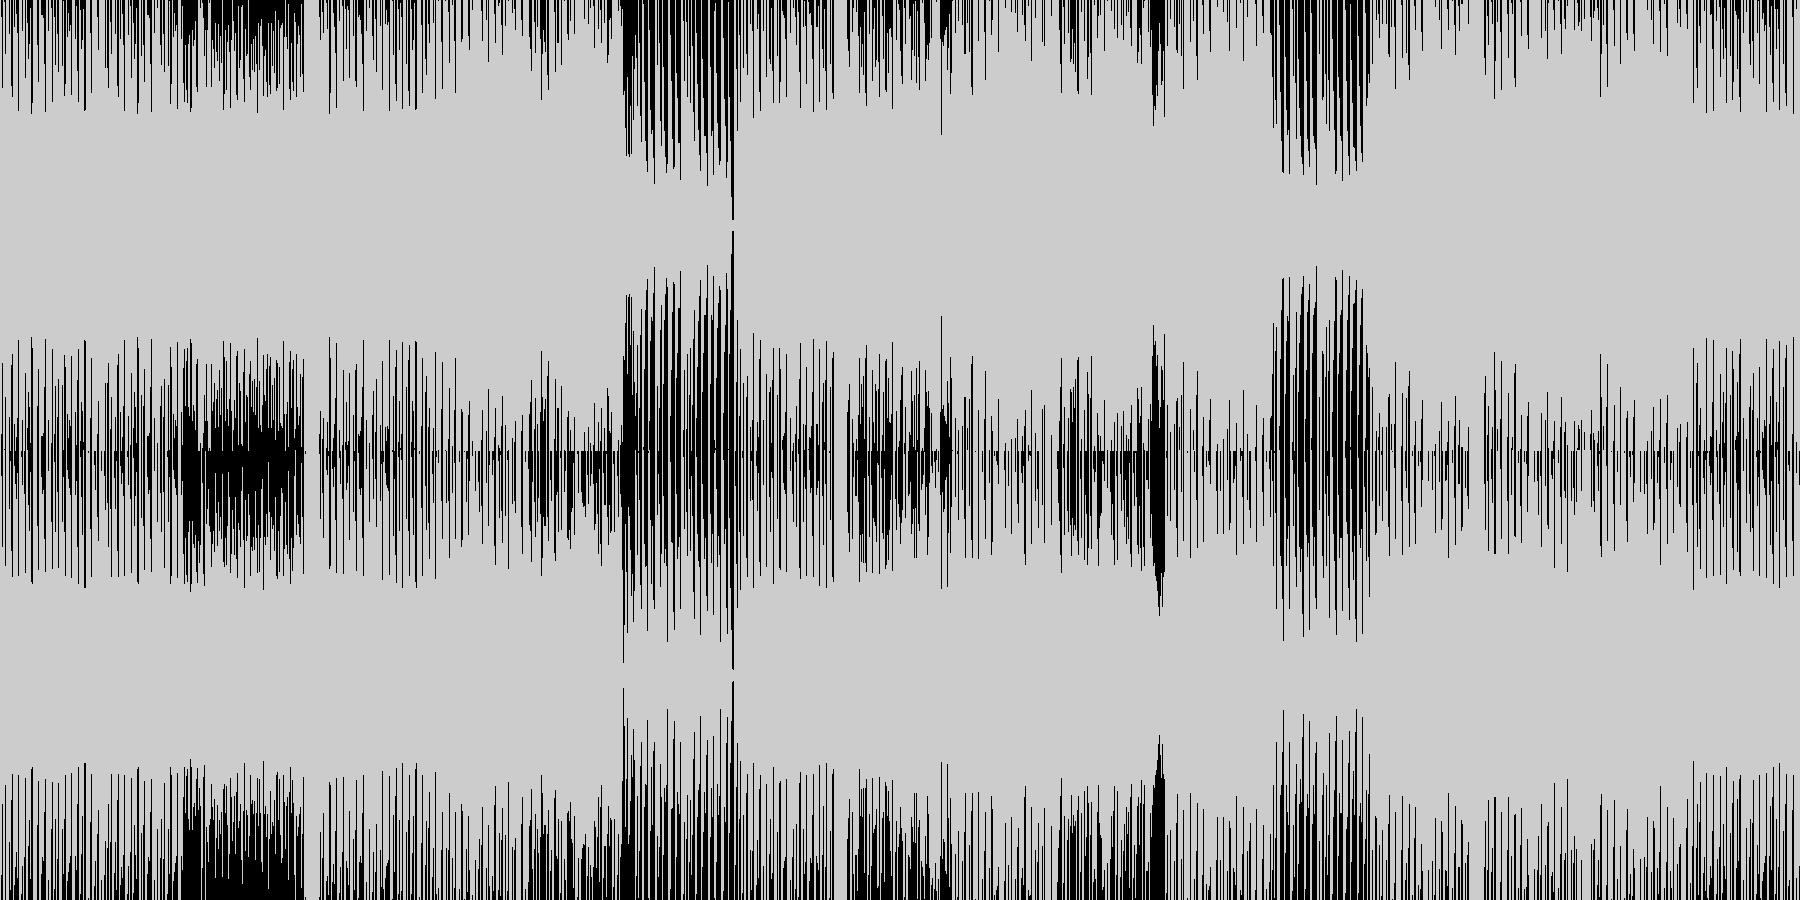 疾走感のある四つ打ちテクノの未再生の波形